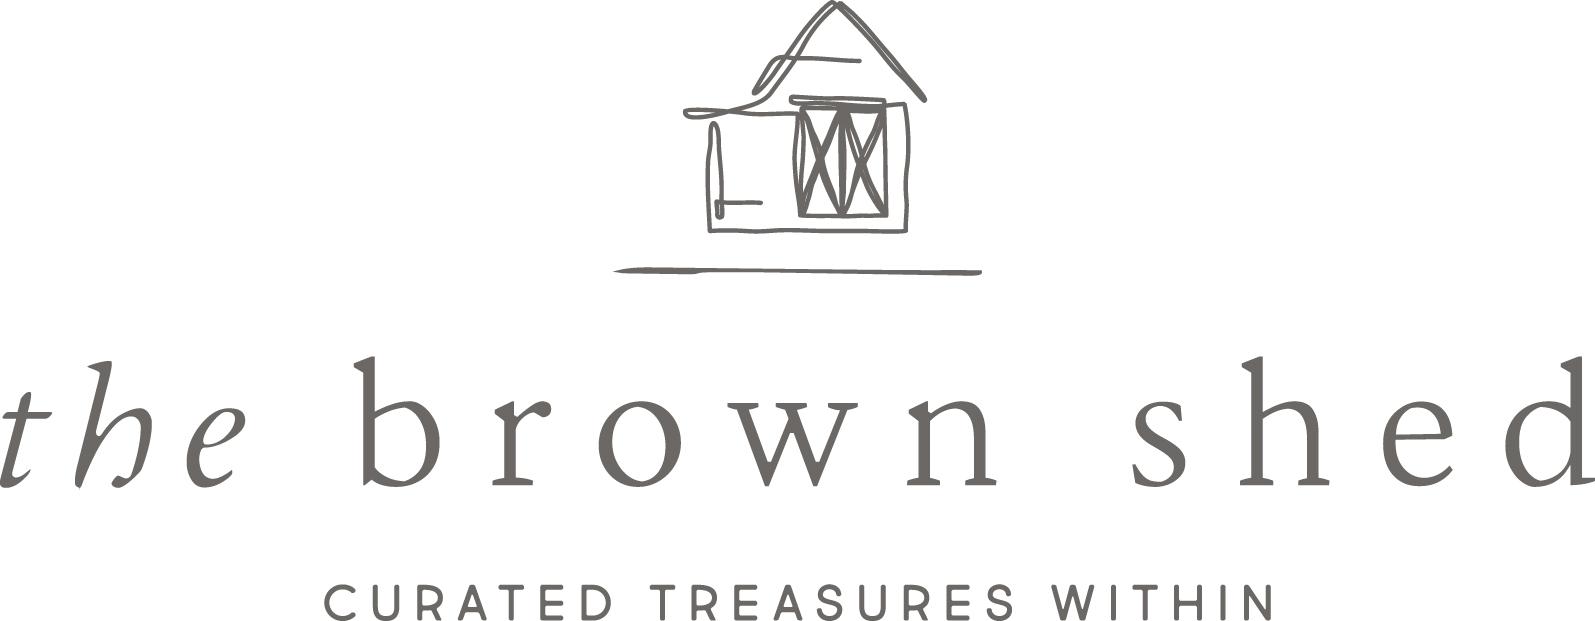 thebrownshed_Logo.jpg